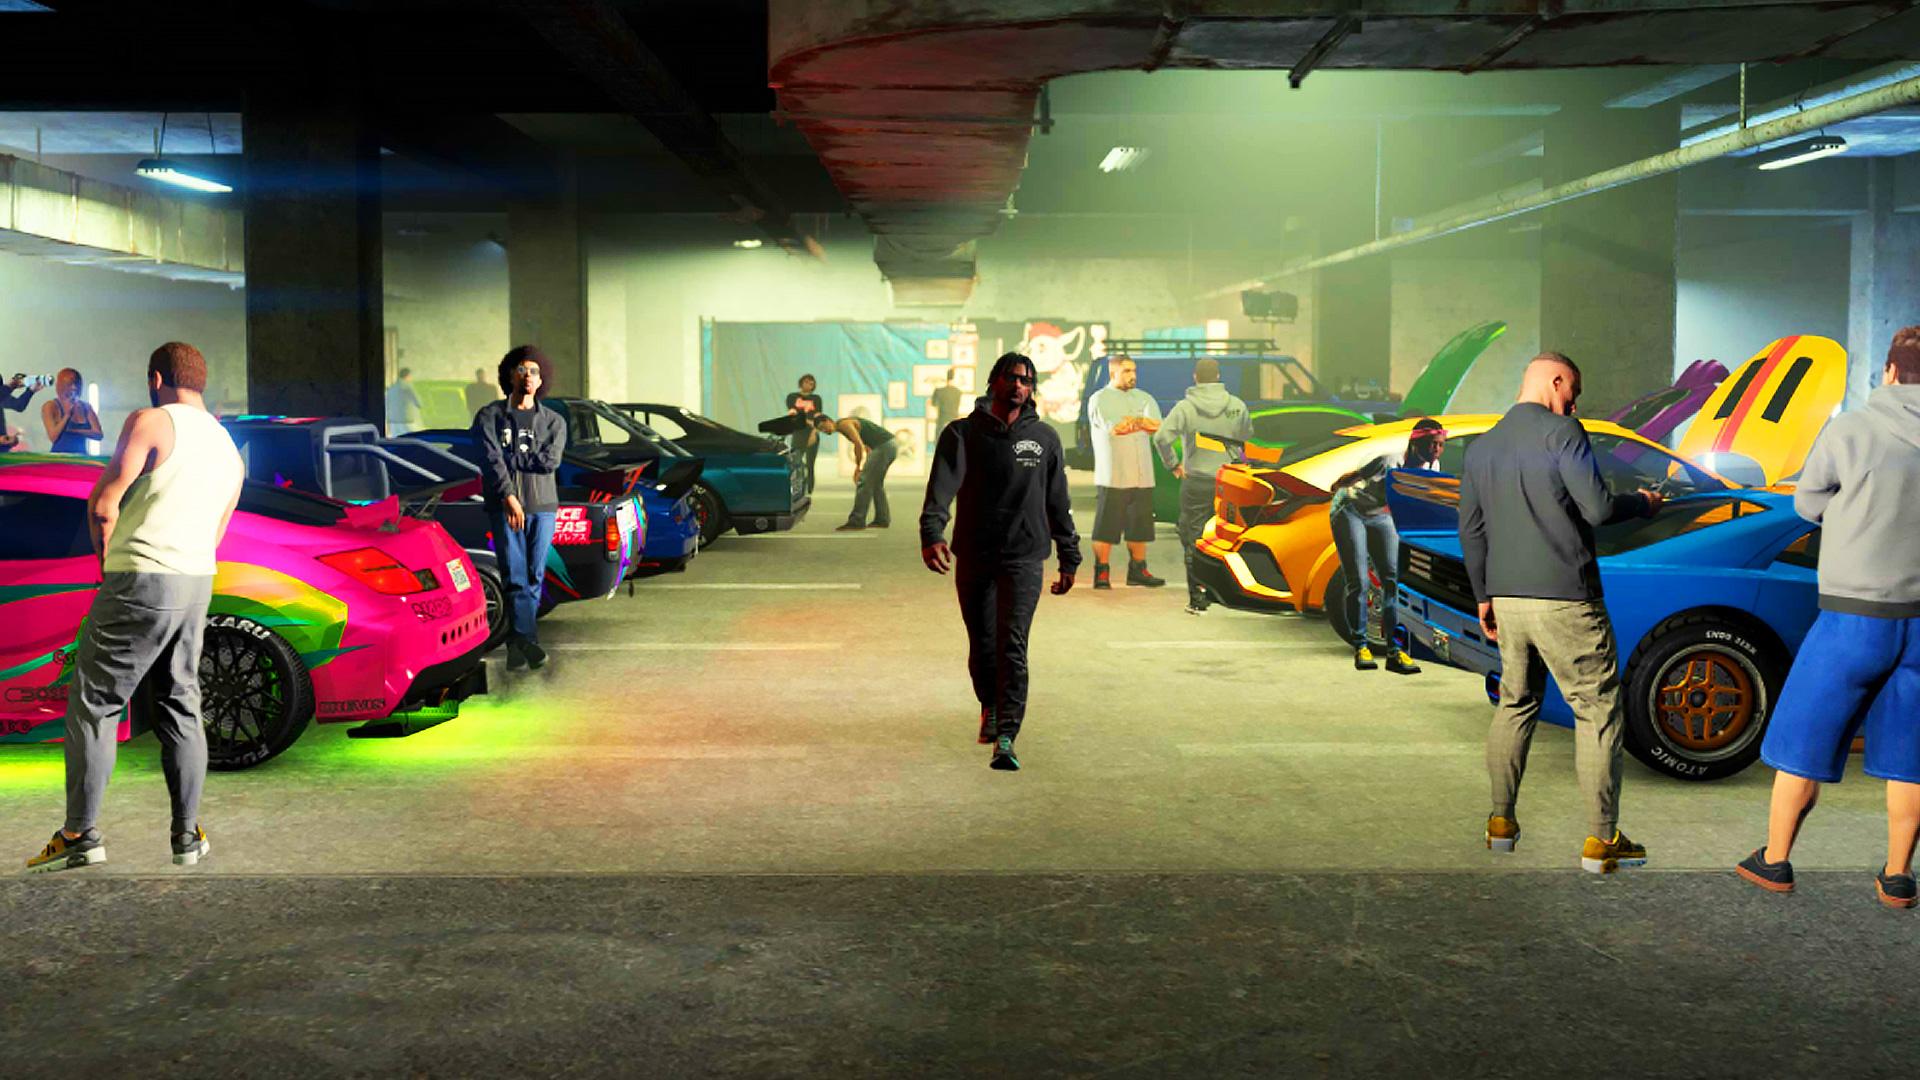 GTA Online's weekly update brings Los Santos Tuners race bonuses